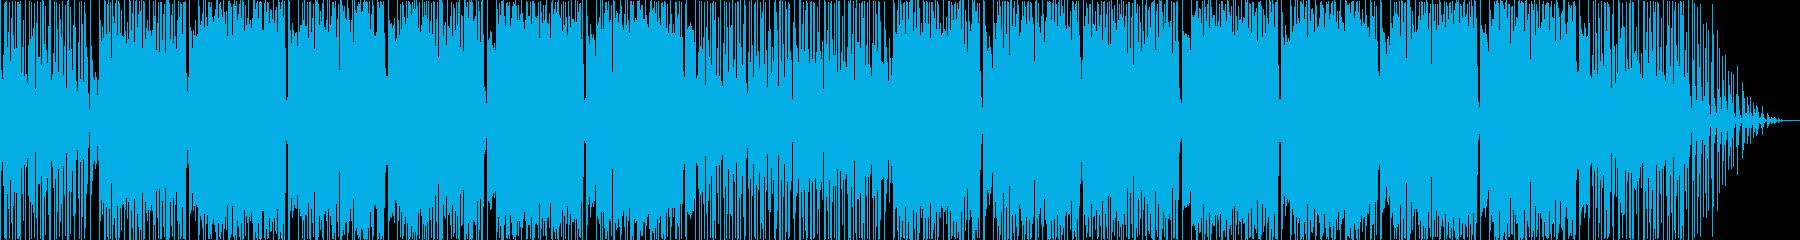 気分ウキウキの楽しいポップなボサノバの再生済みの波形